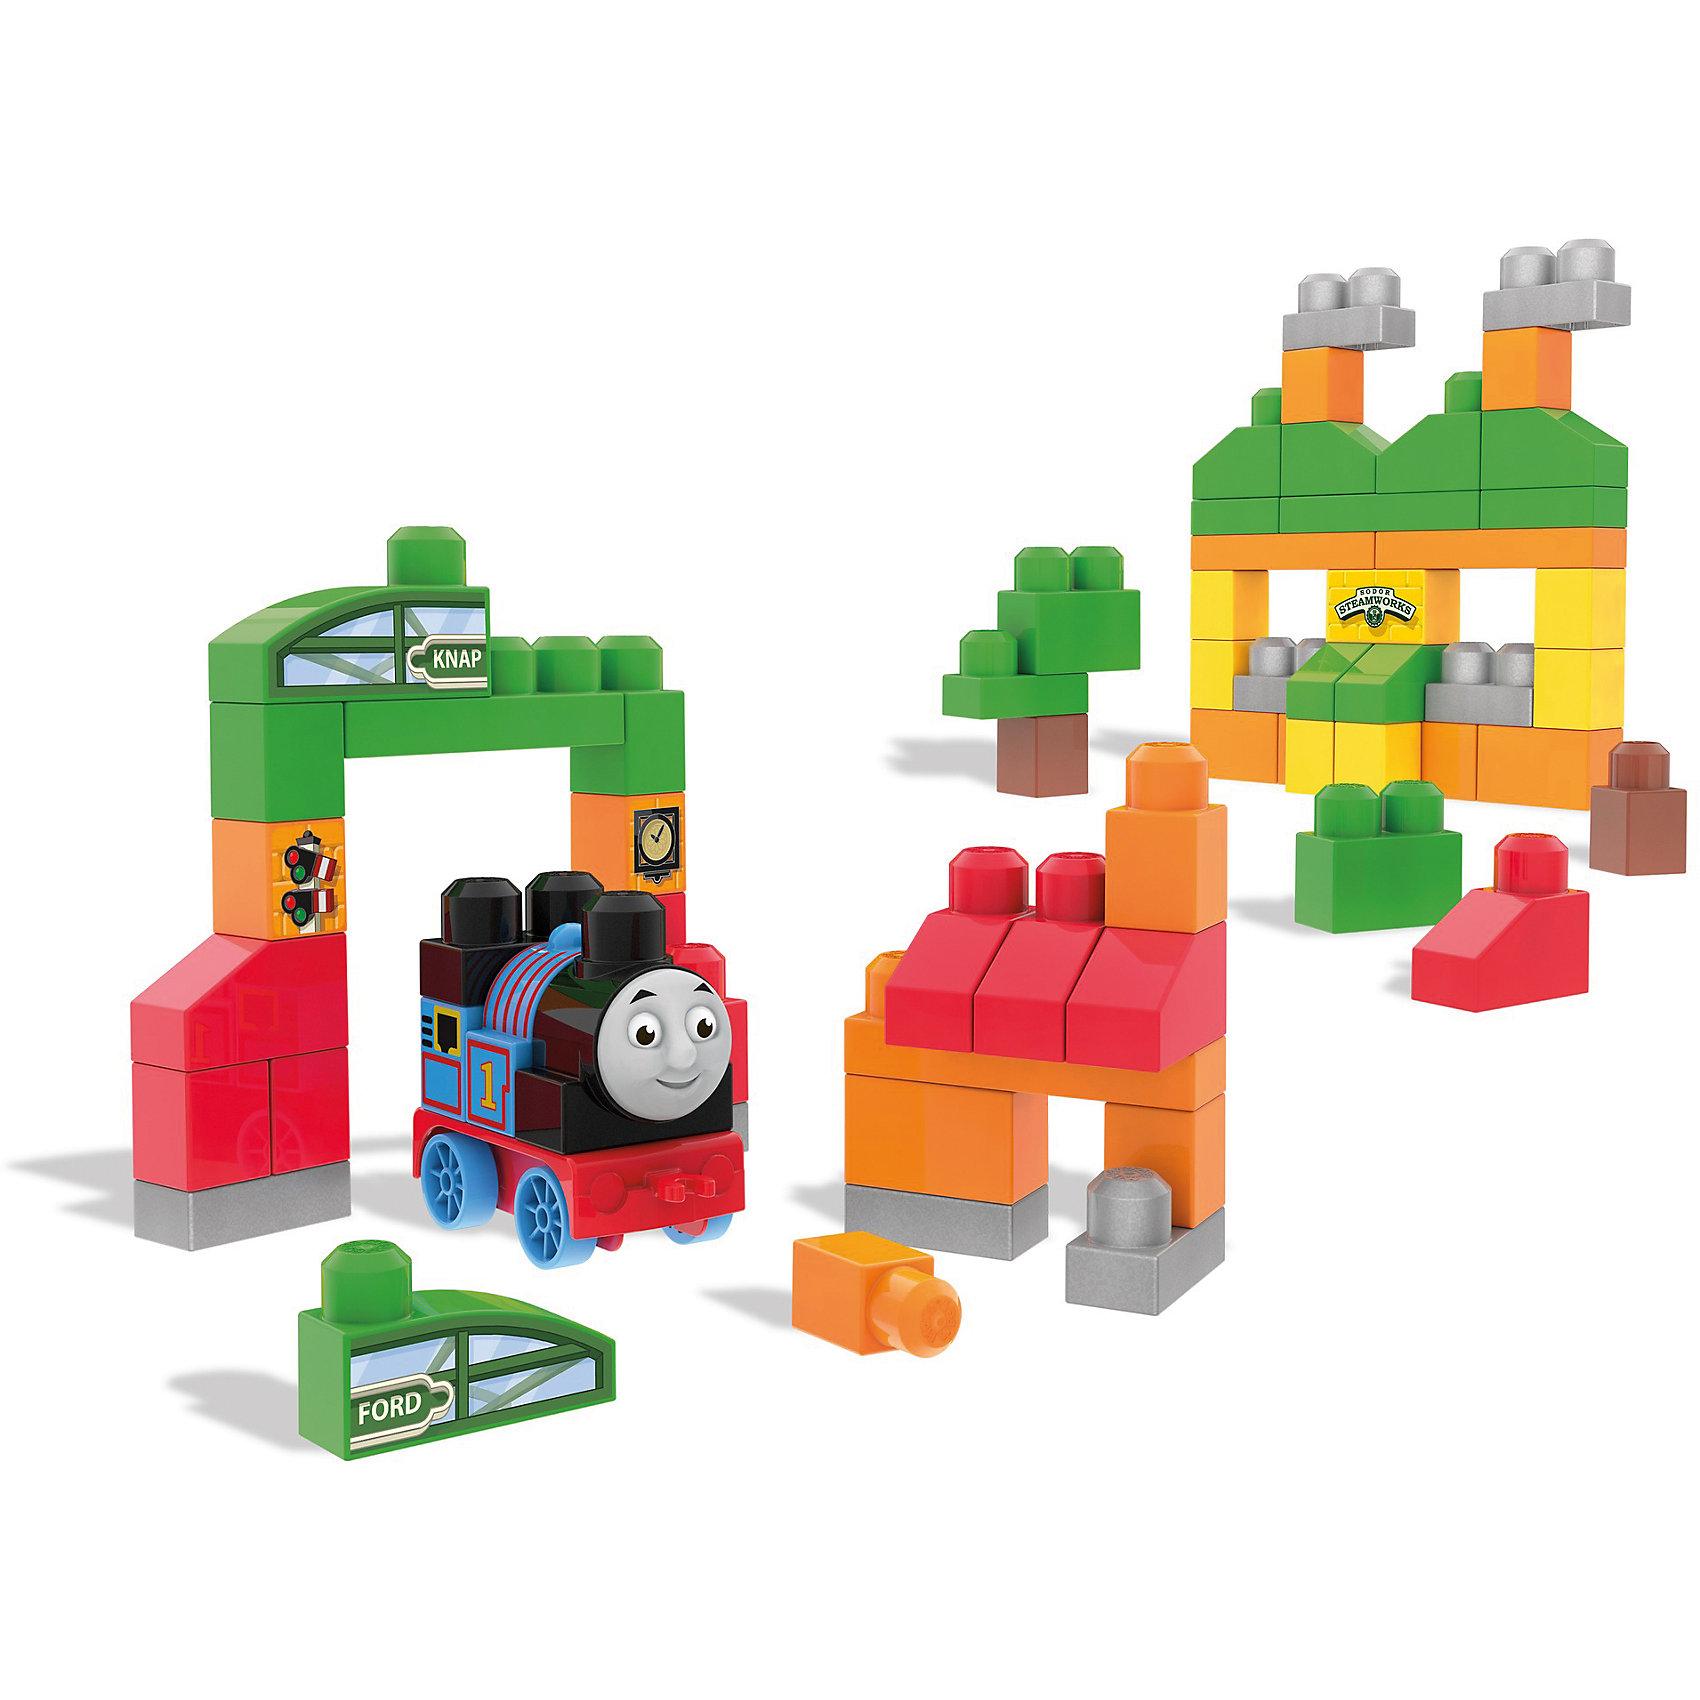 Томас и друзья: приключения на острове Содор, MEGA BLOKSПластмассовые конструкторы<br>Томас и друзья: приключения на острове Содор, MEGA BLOKS (МЕГА БЛОКС).<br><br>Характеристики:<br><br>• Количество деталей: 70<br>• Материал: пластик<br>• Упаковка: пластиковая сумка<br>• Размер упаковки: 38х30х15 см.<br><br>Это путешествие по острову Содор с любимым всеми синим паровозиком Томасом! Садимся в поезд! Теперь даже самые юные поклонники Томаса могут посетить знаменитые достопримечательности острова Содор с помощью больших блоков конструктора! Соберите Томаса, затем стартуйте со станции Марон и следуйте в Кнэпфорд, прежде чем сделать остановку в мастерской Стимворкс! <br><br>Созданный специально для маленьких ручек малыша, этот большой набор из 70 строительных блоков позволит строить и перестраивать, воссоздавая различные варианты истории. Когда увлекательное путешествие будет закончено, можно убрать элементы конструктора в удобную сумку для хранения! Все детали конструктора изготовлены из качественного пластика и полностью безопасны для детей.<br><br>Набор Томас и друзья: приключения на острове Содор, MEGA BLOKS (МЕГА БЛОКС) можно купить в нашем интернет-магазине.<br><br>Ширина мм: 305<br>Глубина мм: 125<br>Высота мм: 355<br>Вес г: 1270<br>Возраст от месяцев: 12<br>Возраст до месяцев: 60<br>Пол: Мужской<br>Возраст: Детский<br>SKU: 5378226